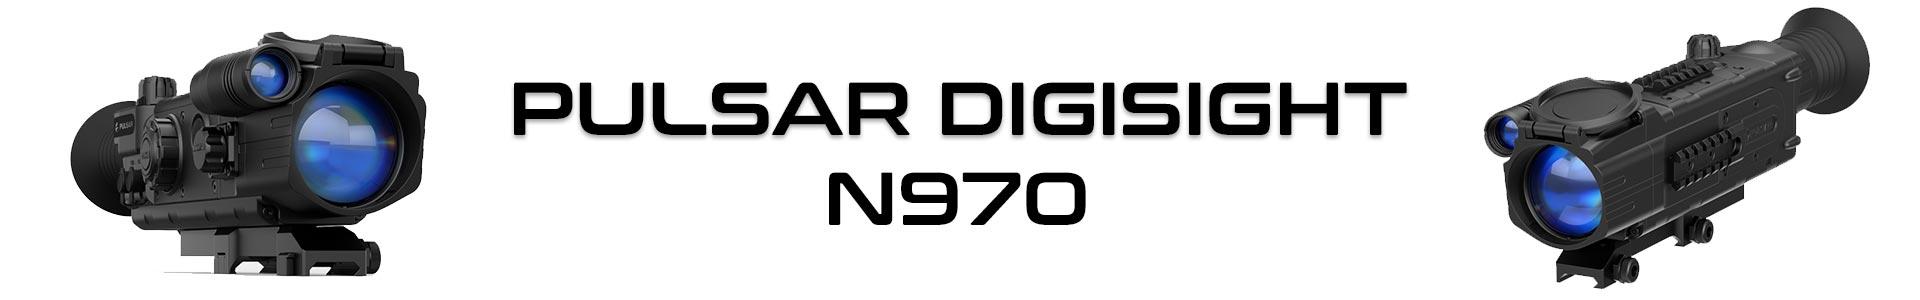 Купить пульсар n970 с доставкой по России